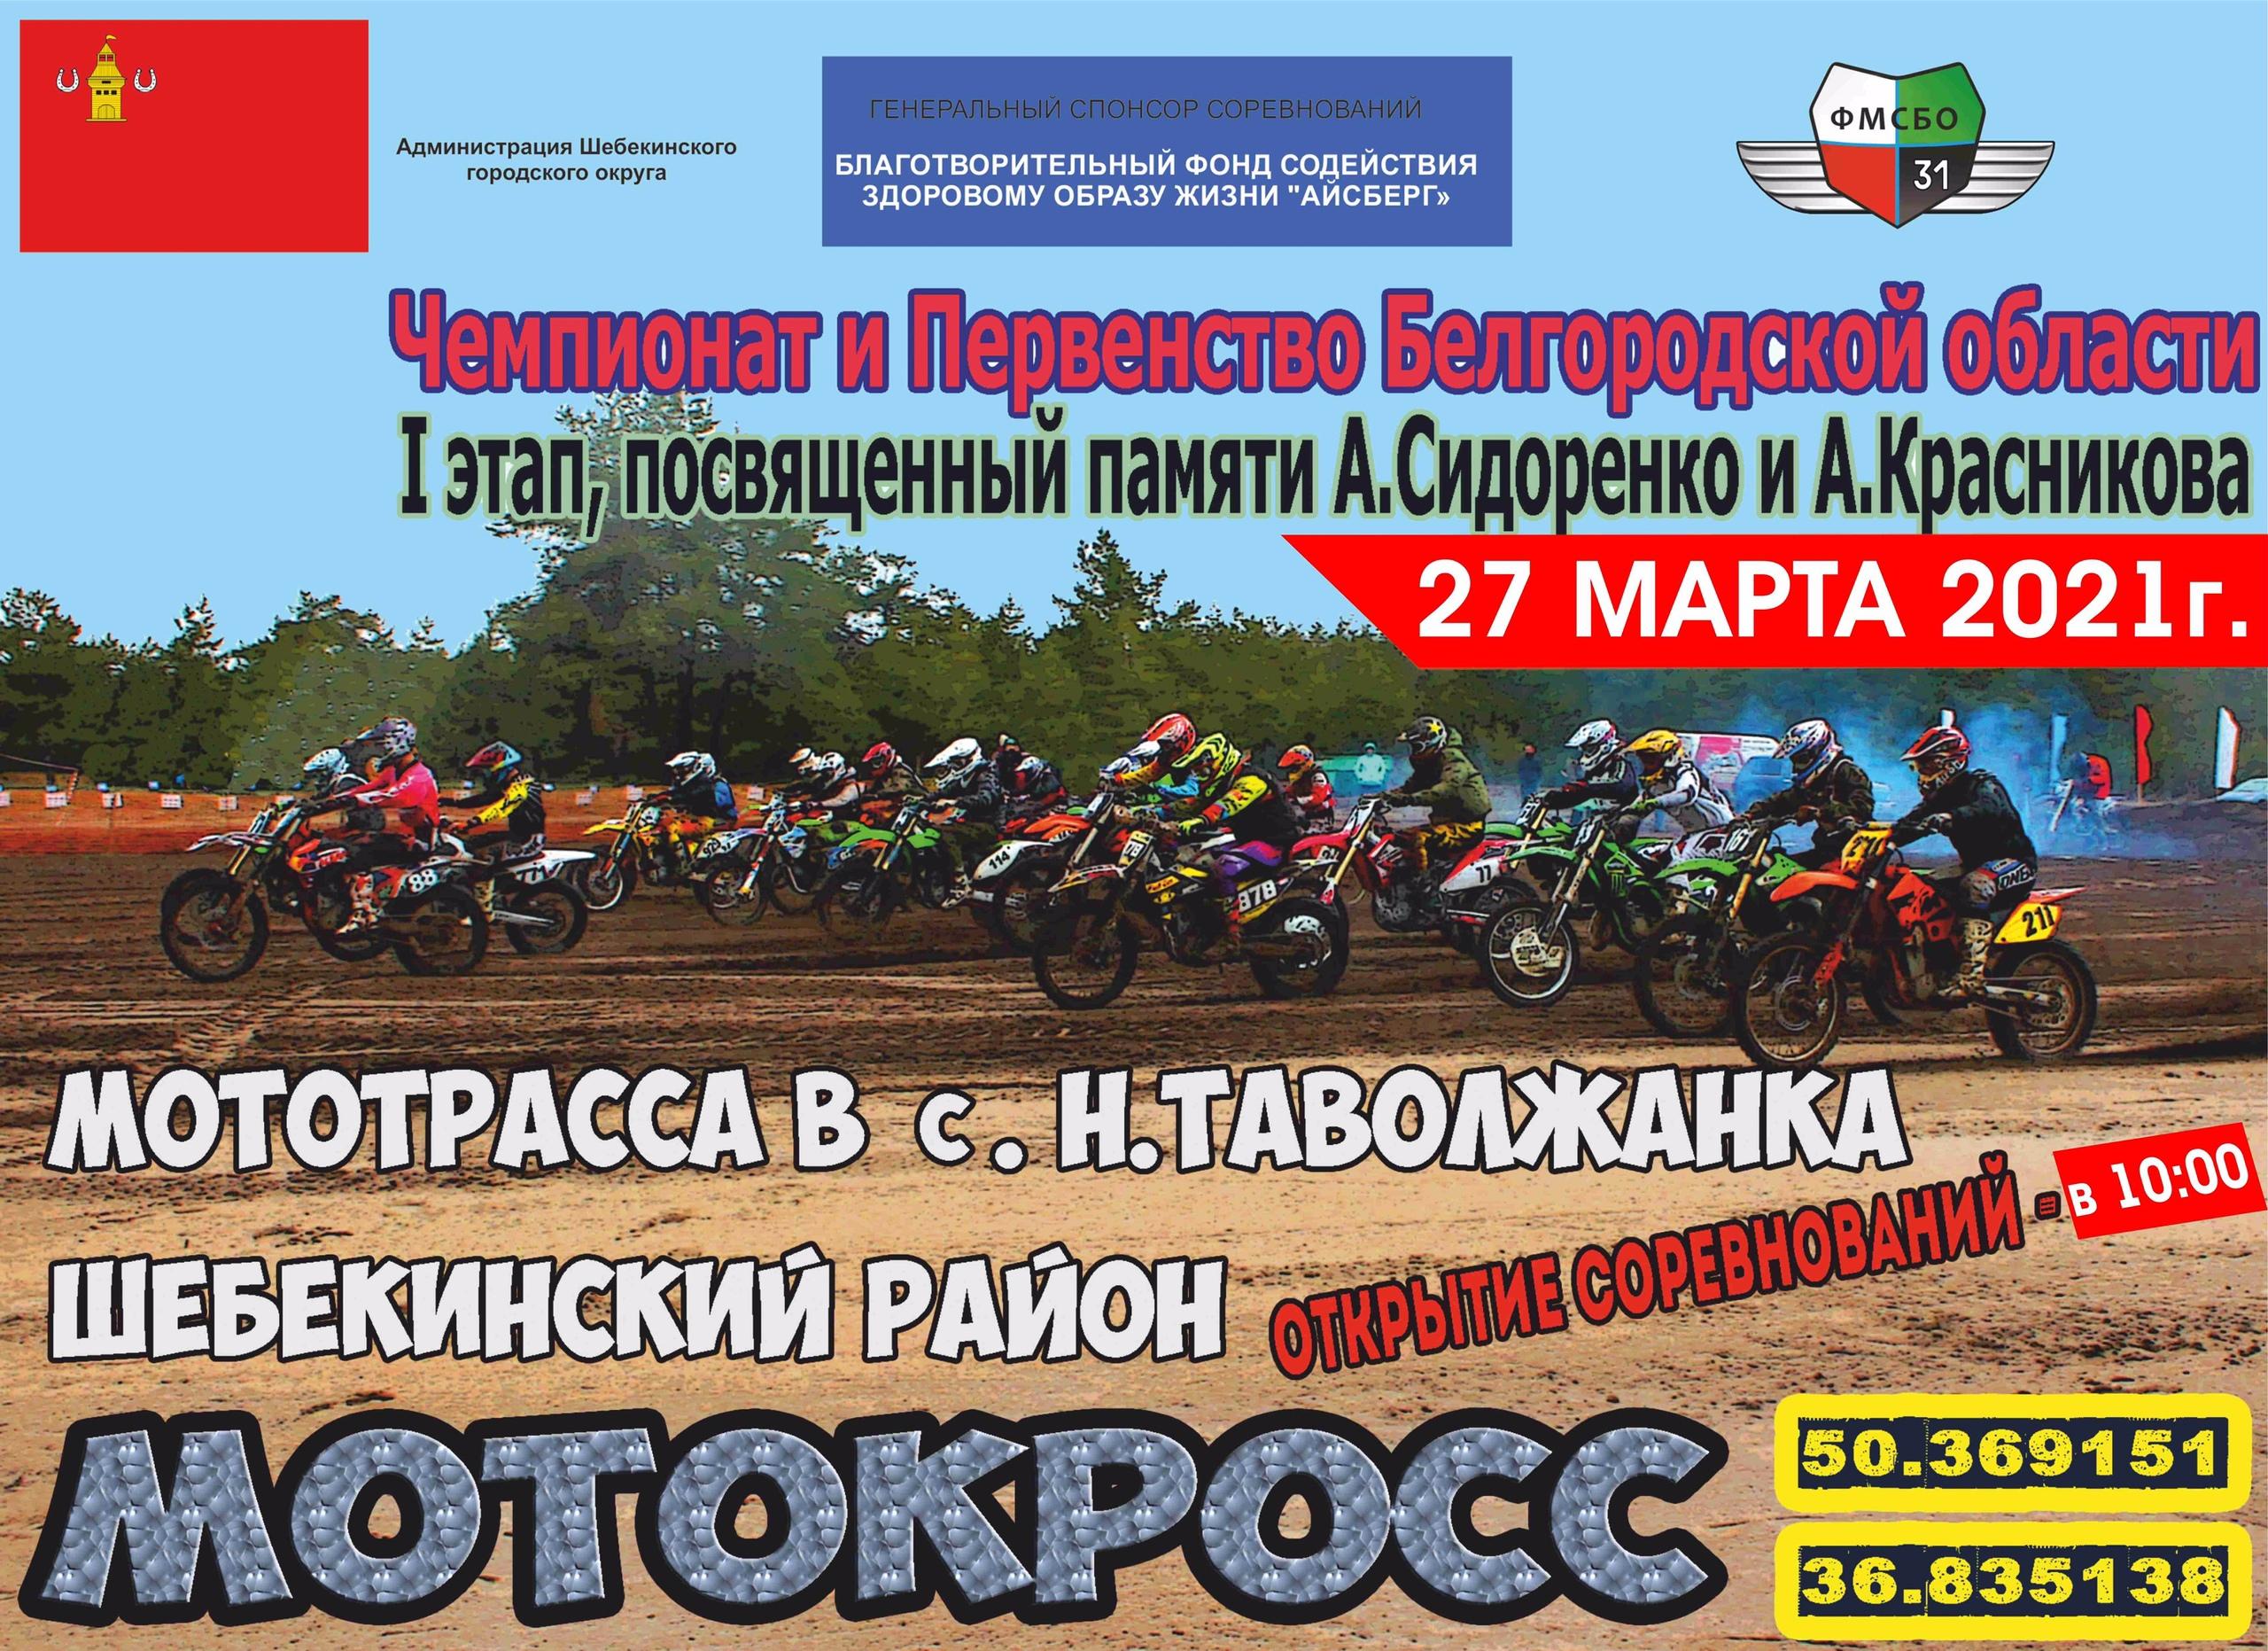 Мотокросс Белгородская обл 2021